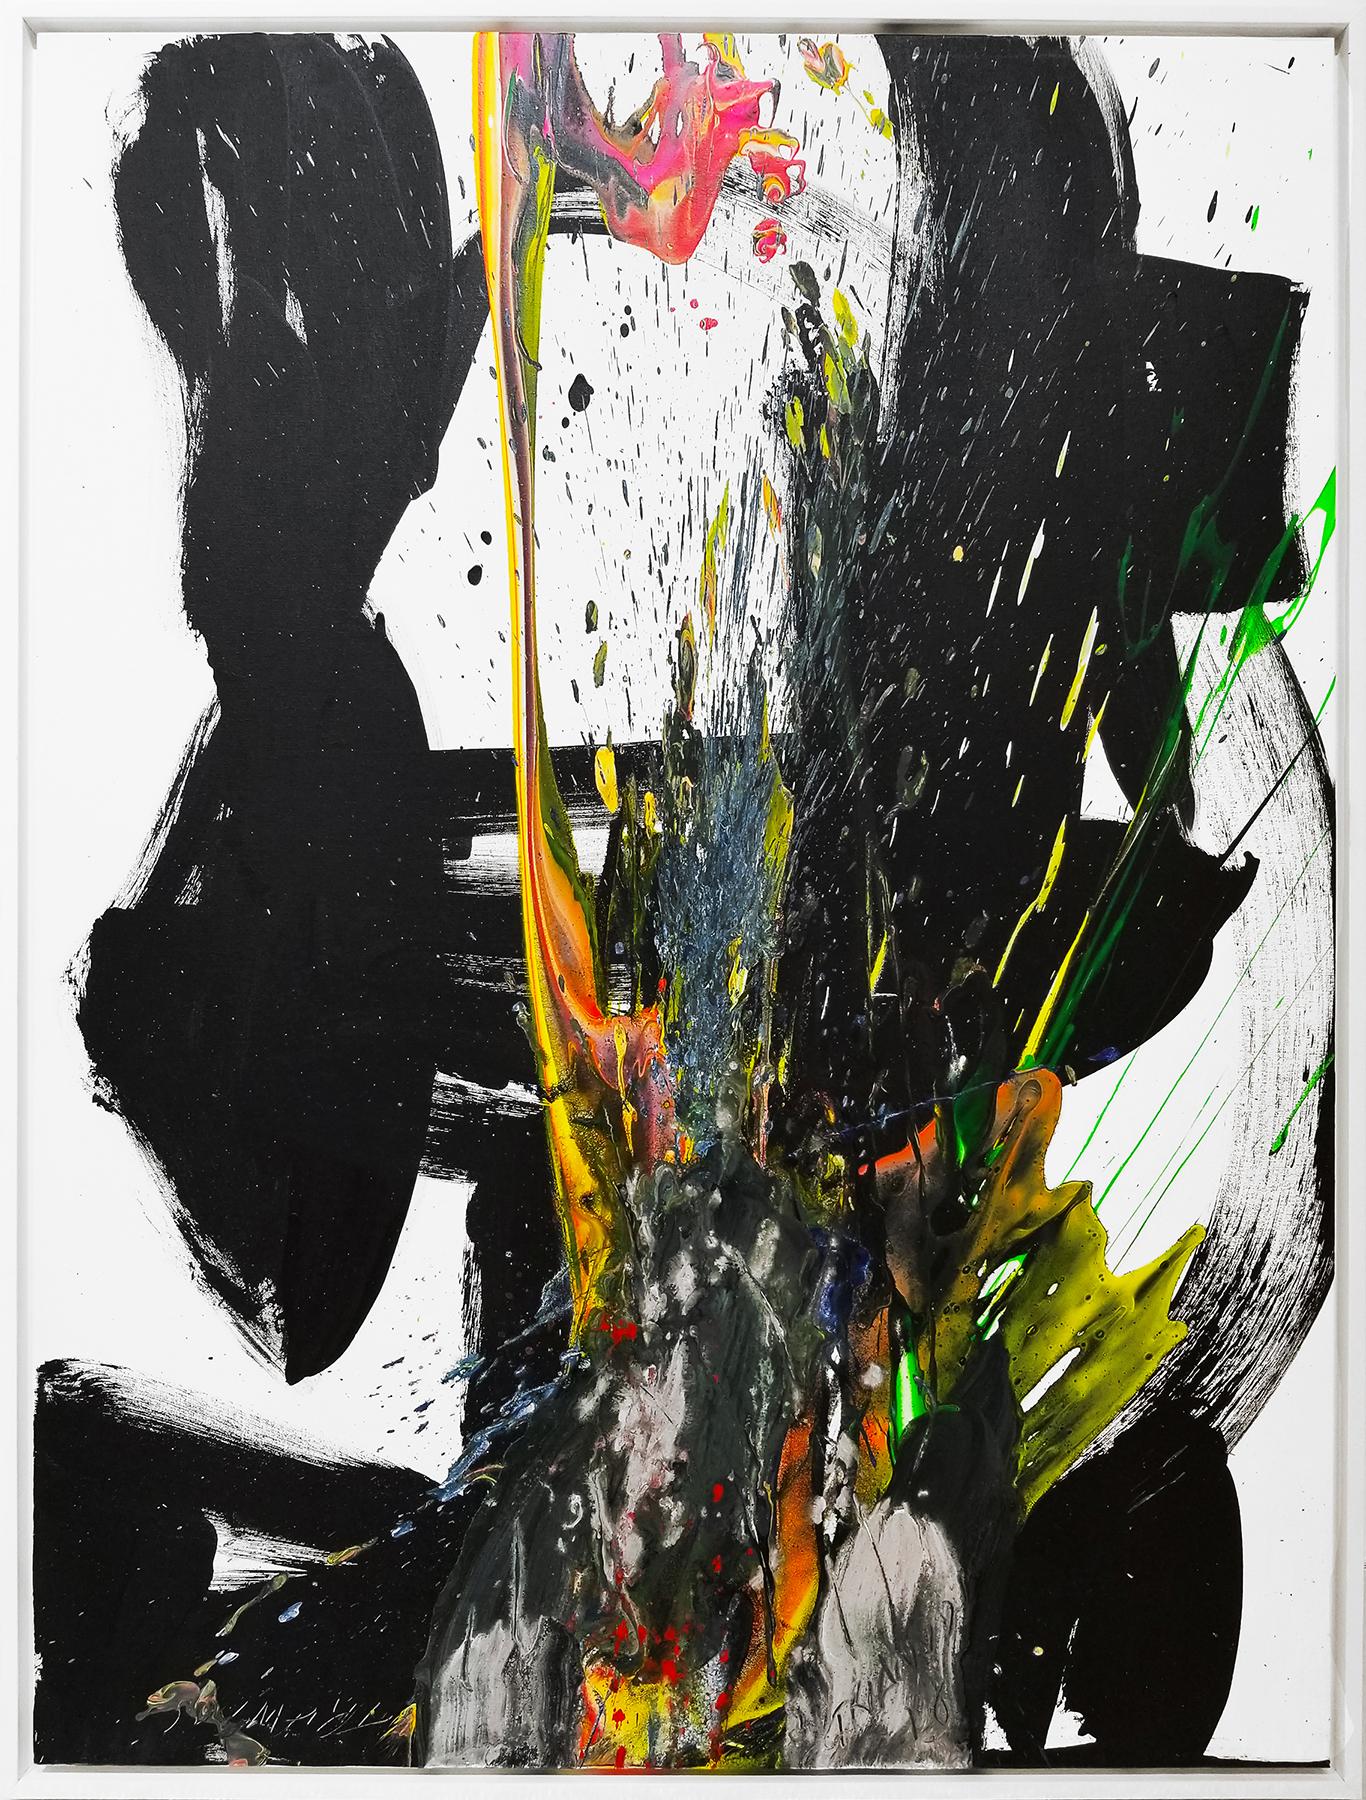 """SP2 #111, 2018, acrylic on canvas, 48"""" x 36"""" (121 x 91.4 cm)"""